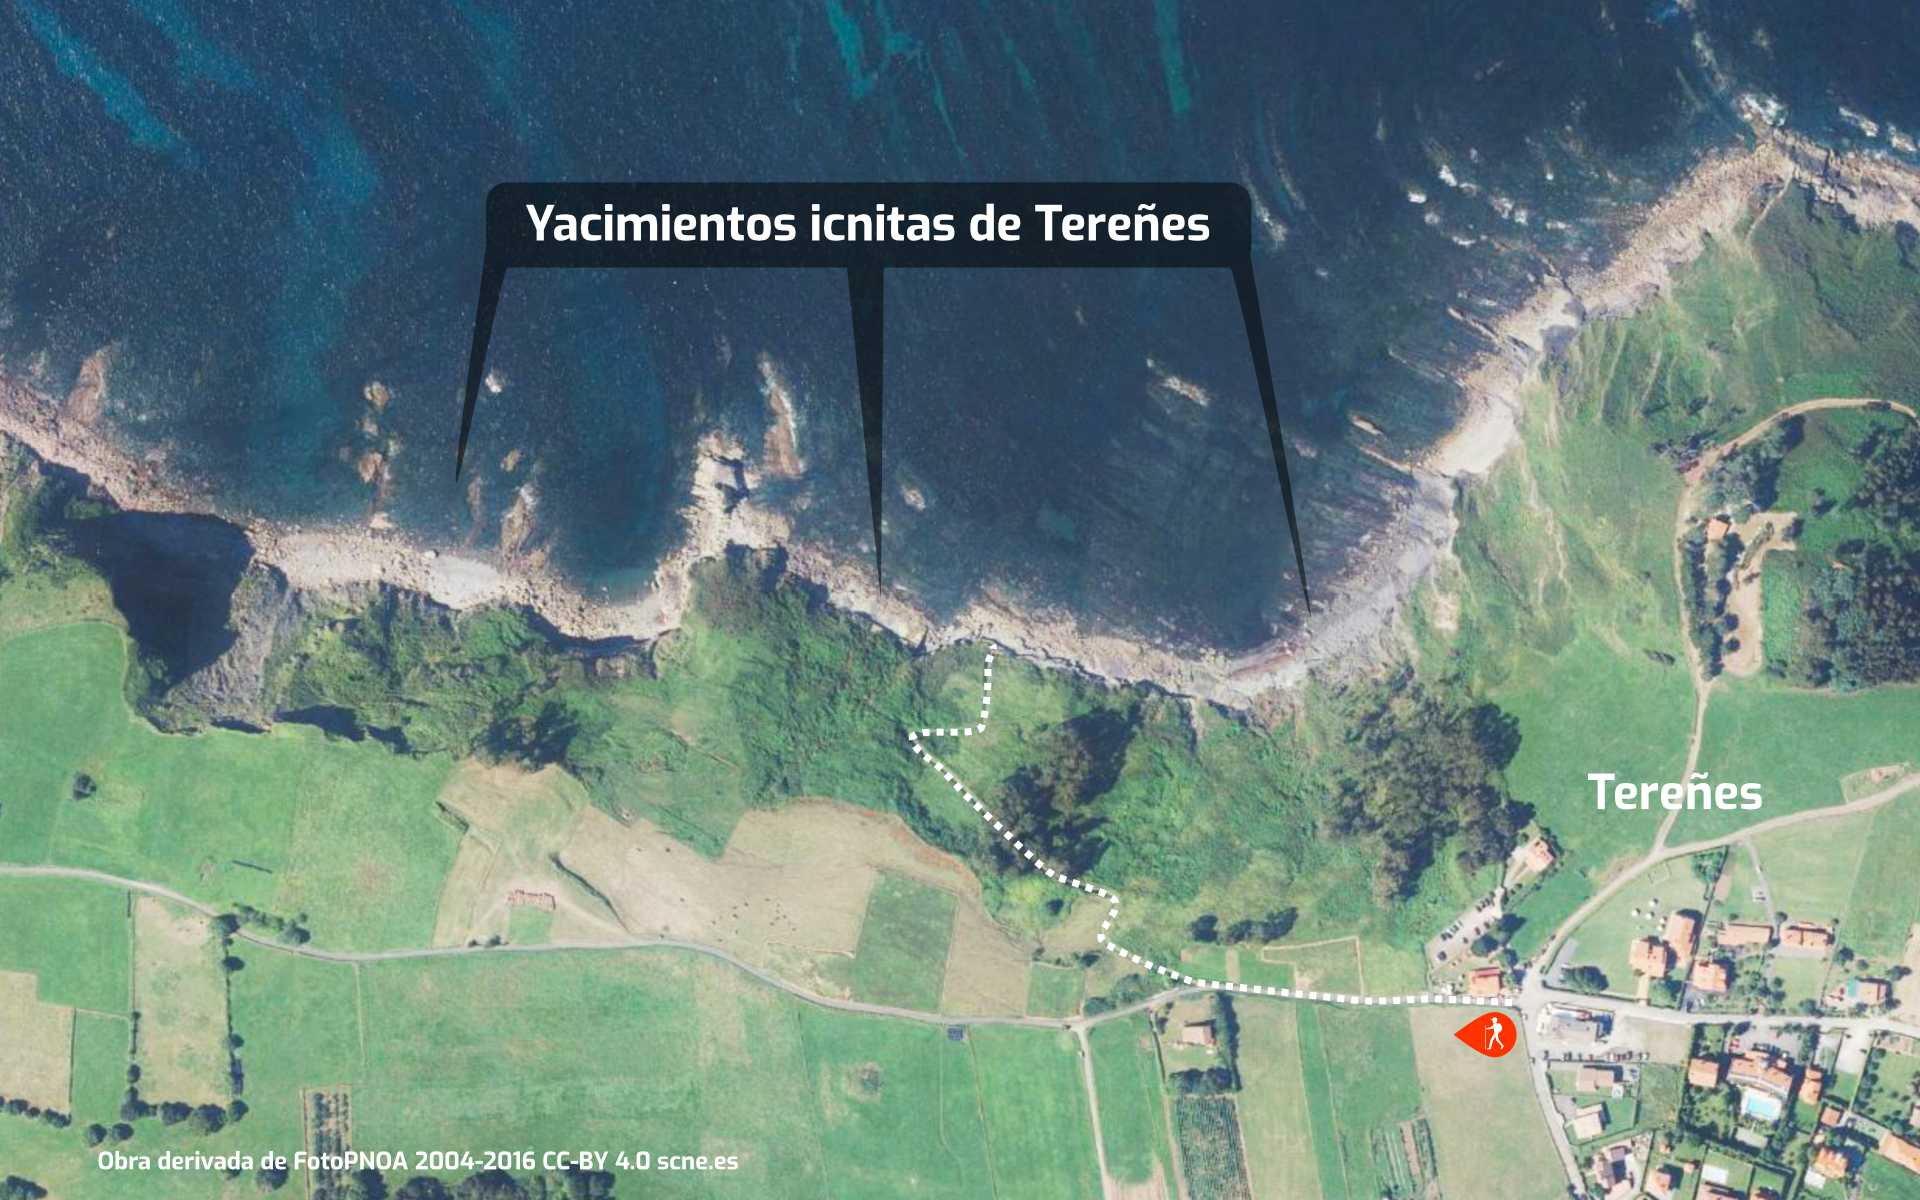 Mapa de cómo llegar al yacimiento de icnitas con huellas de dinosaurio de Tereñes